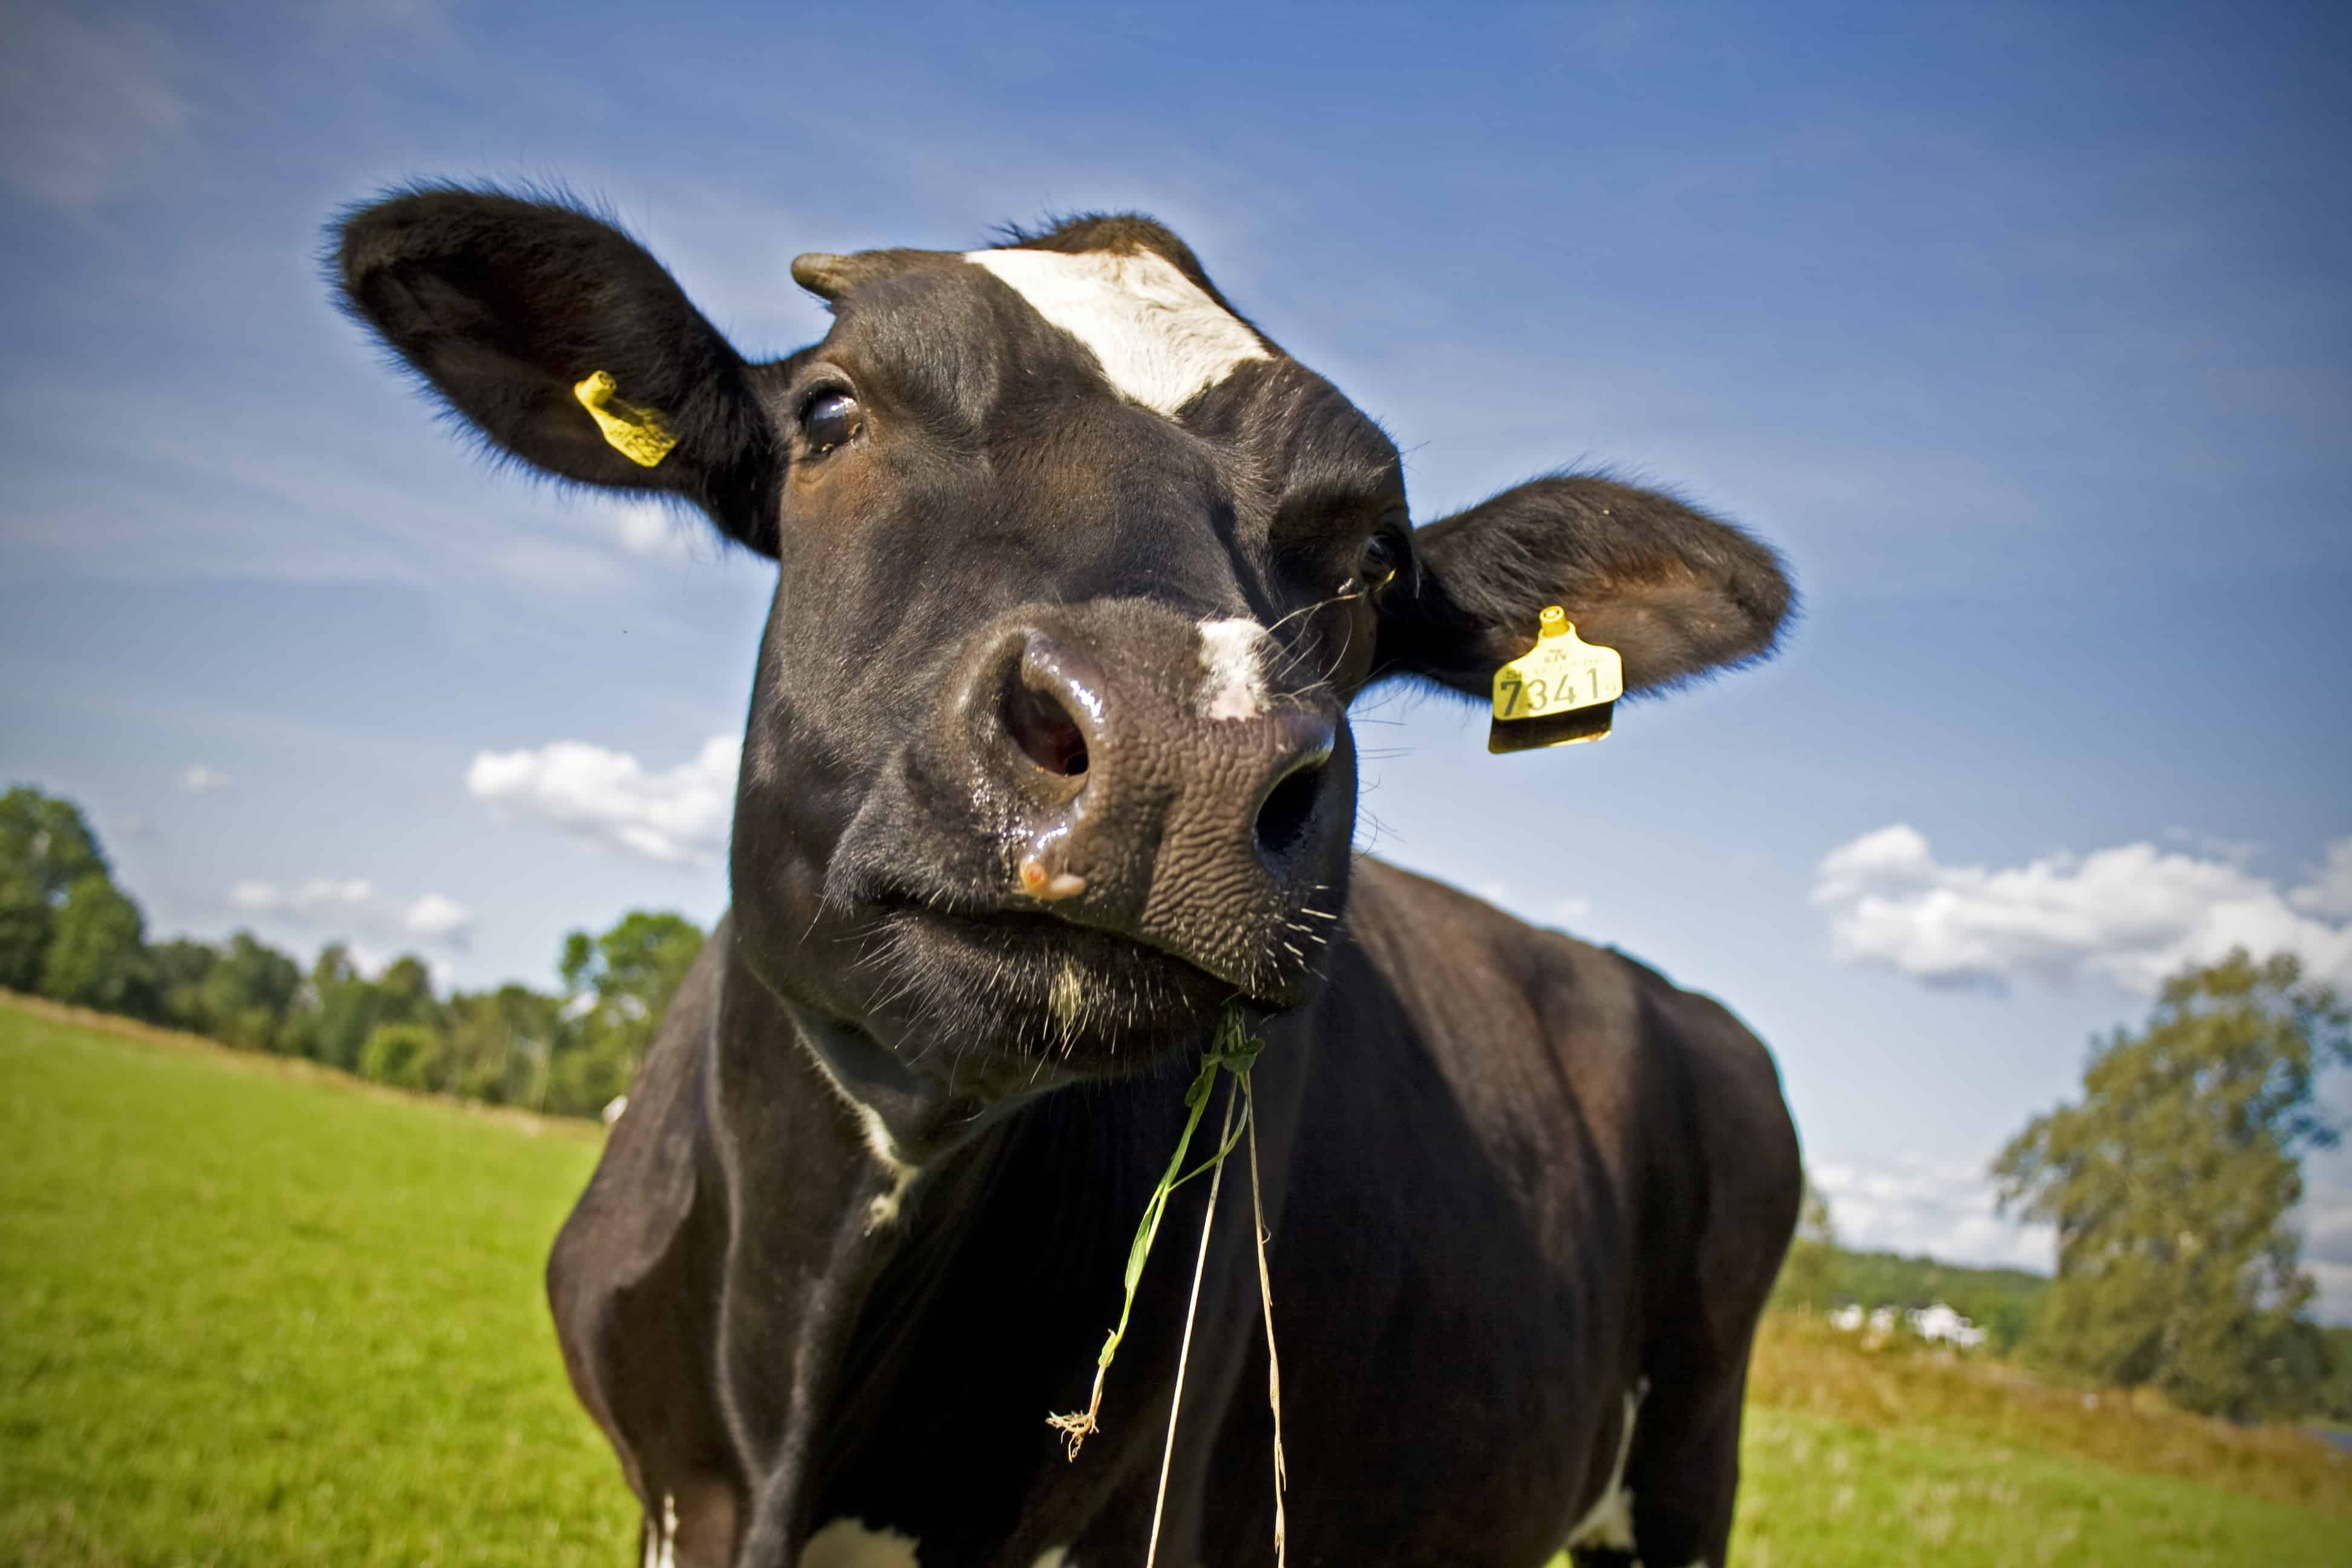 Nagy növekedés az élő szarvasmarha exportban